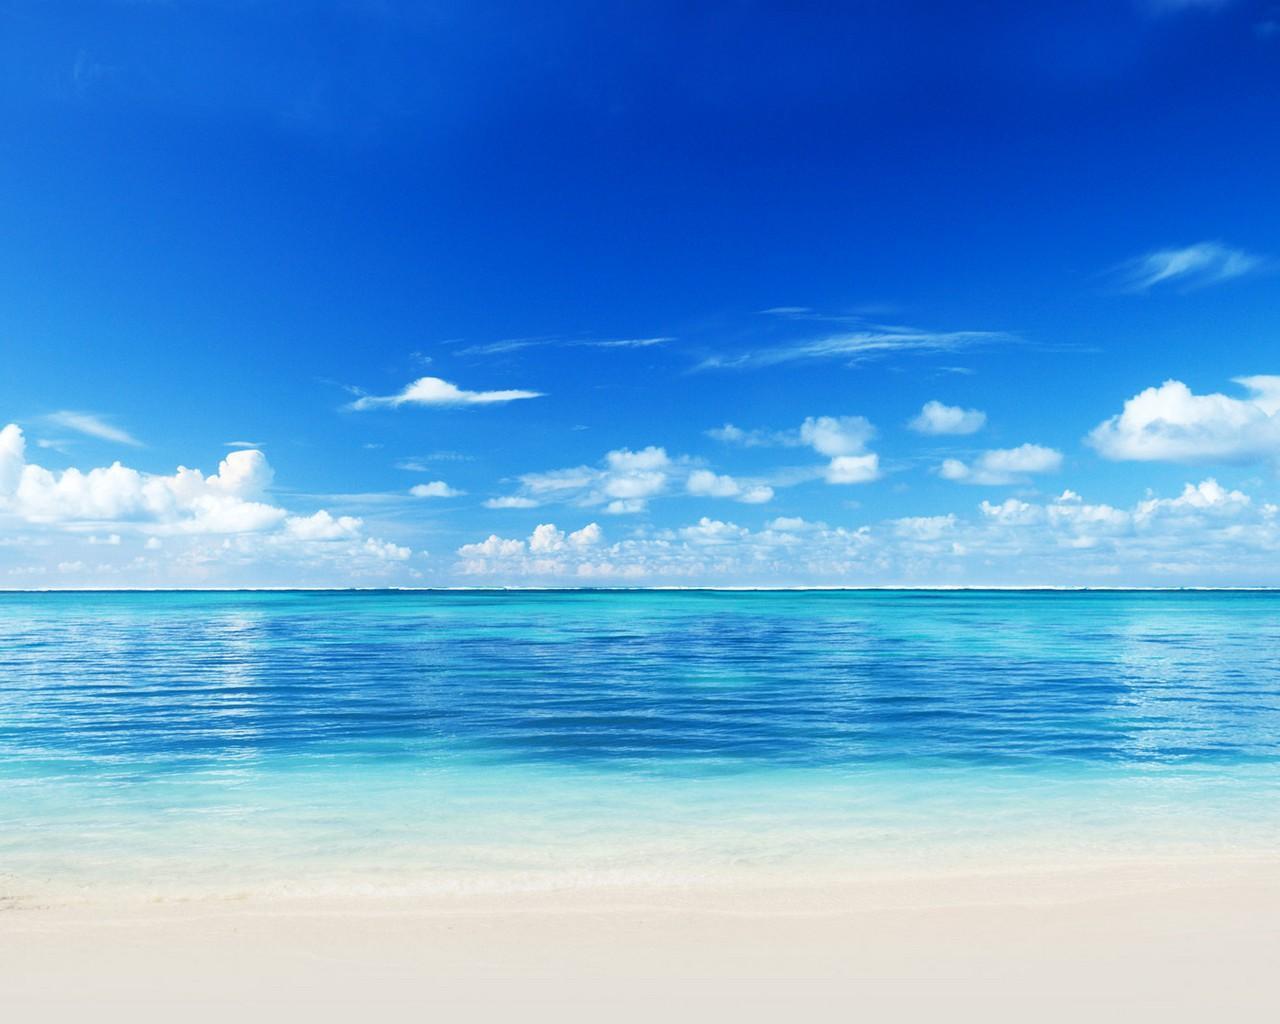 أفضل صور بحر 2021 أجمل صور المحيط 1